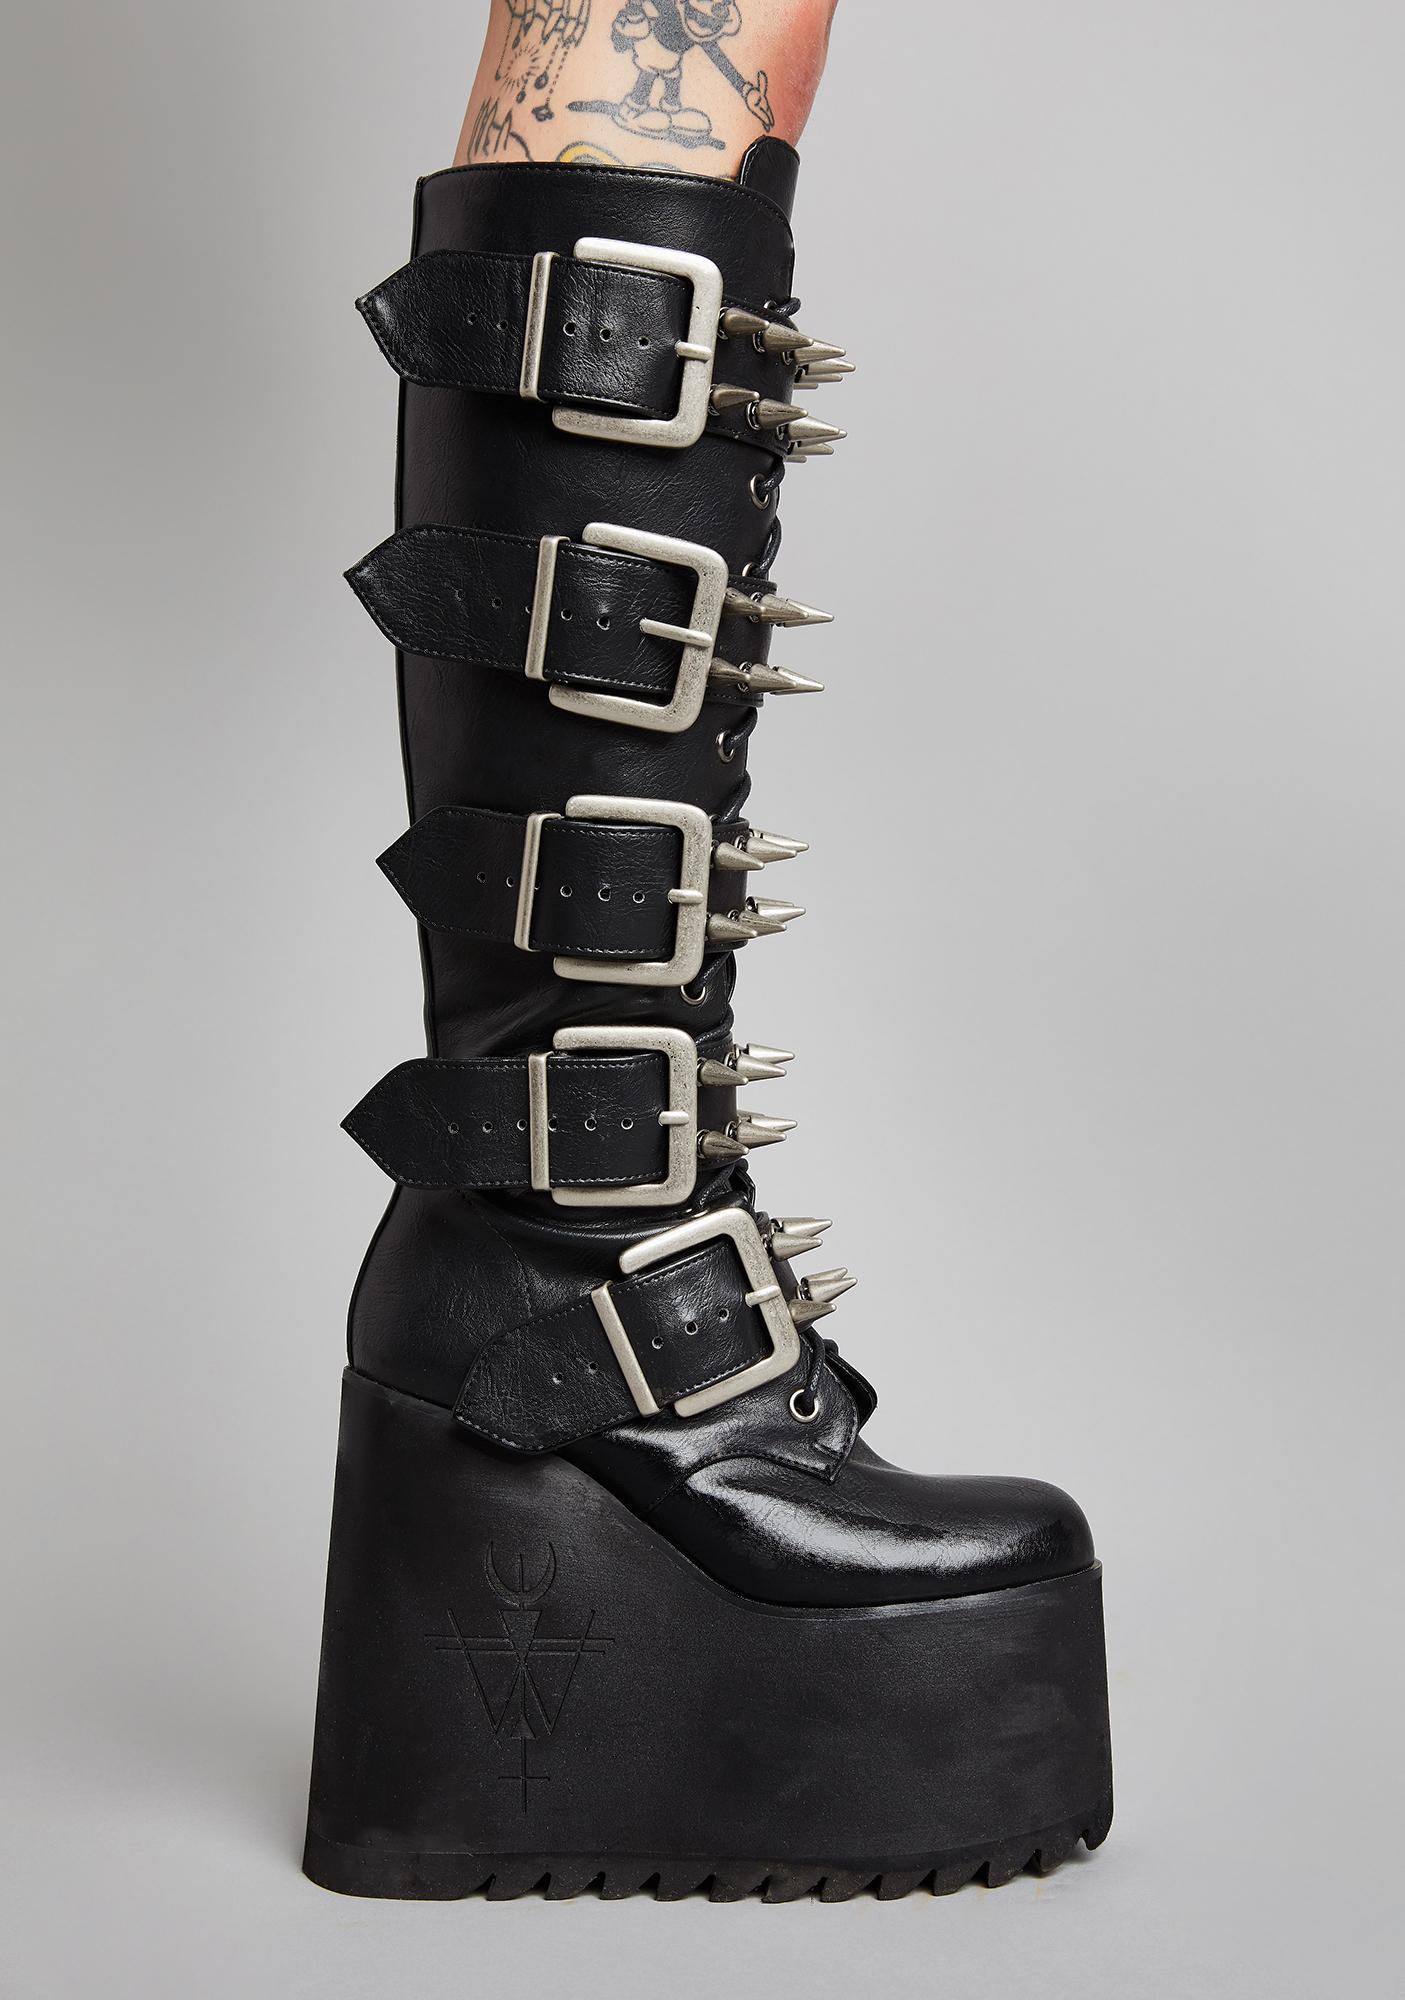 Widow Appetite For Destruction Platform Boots